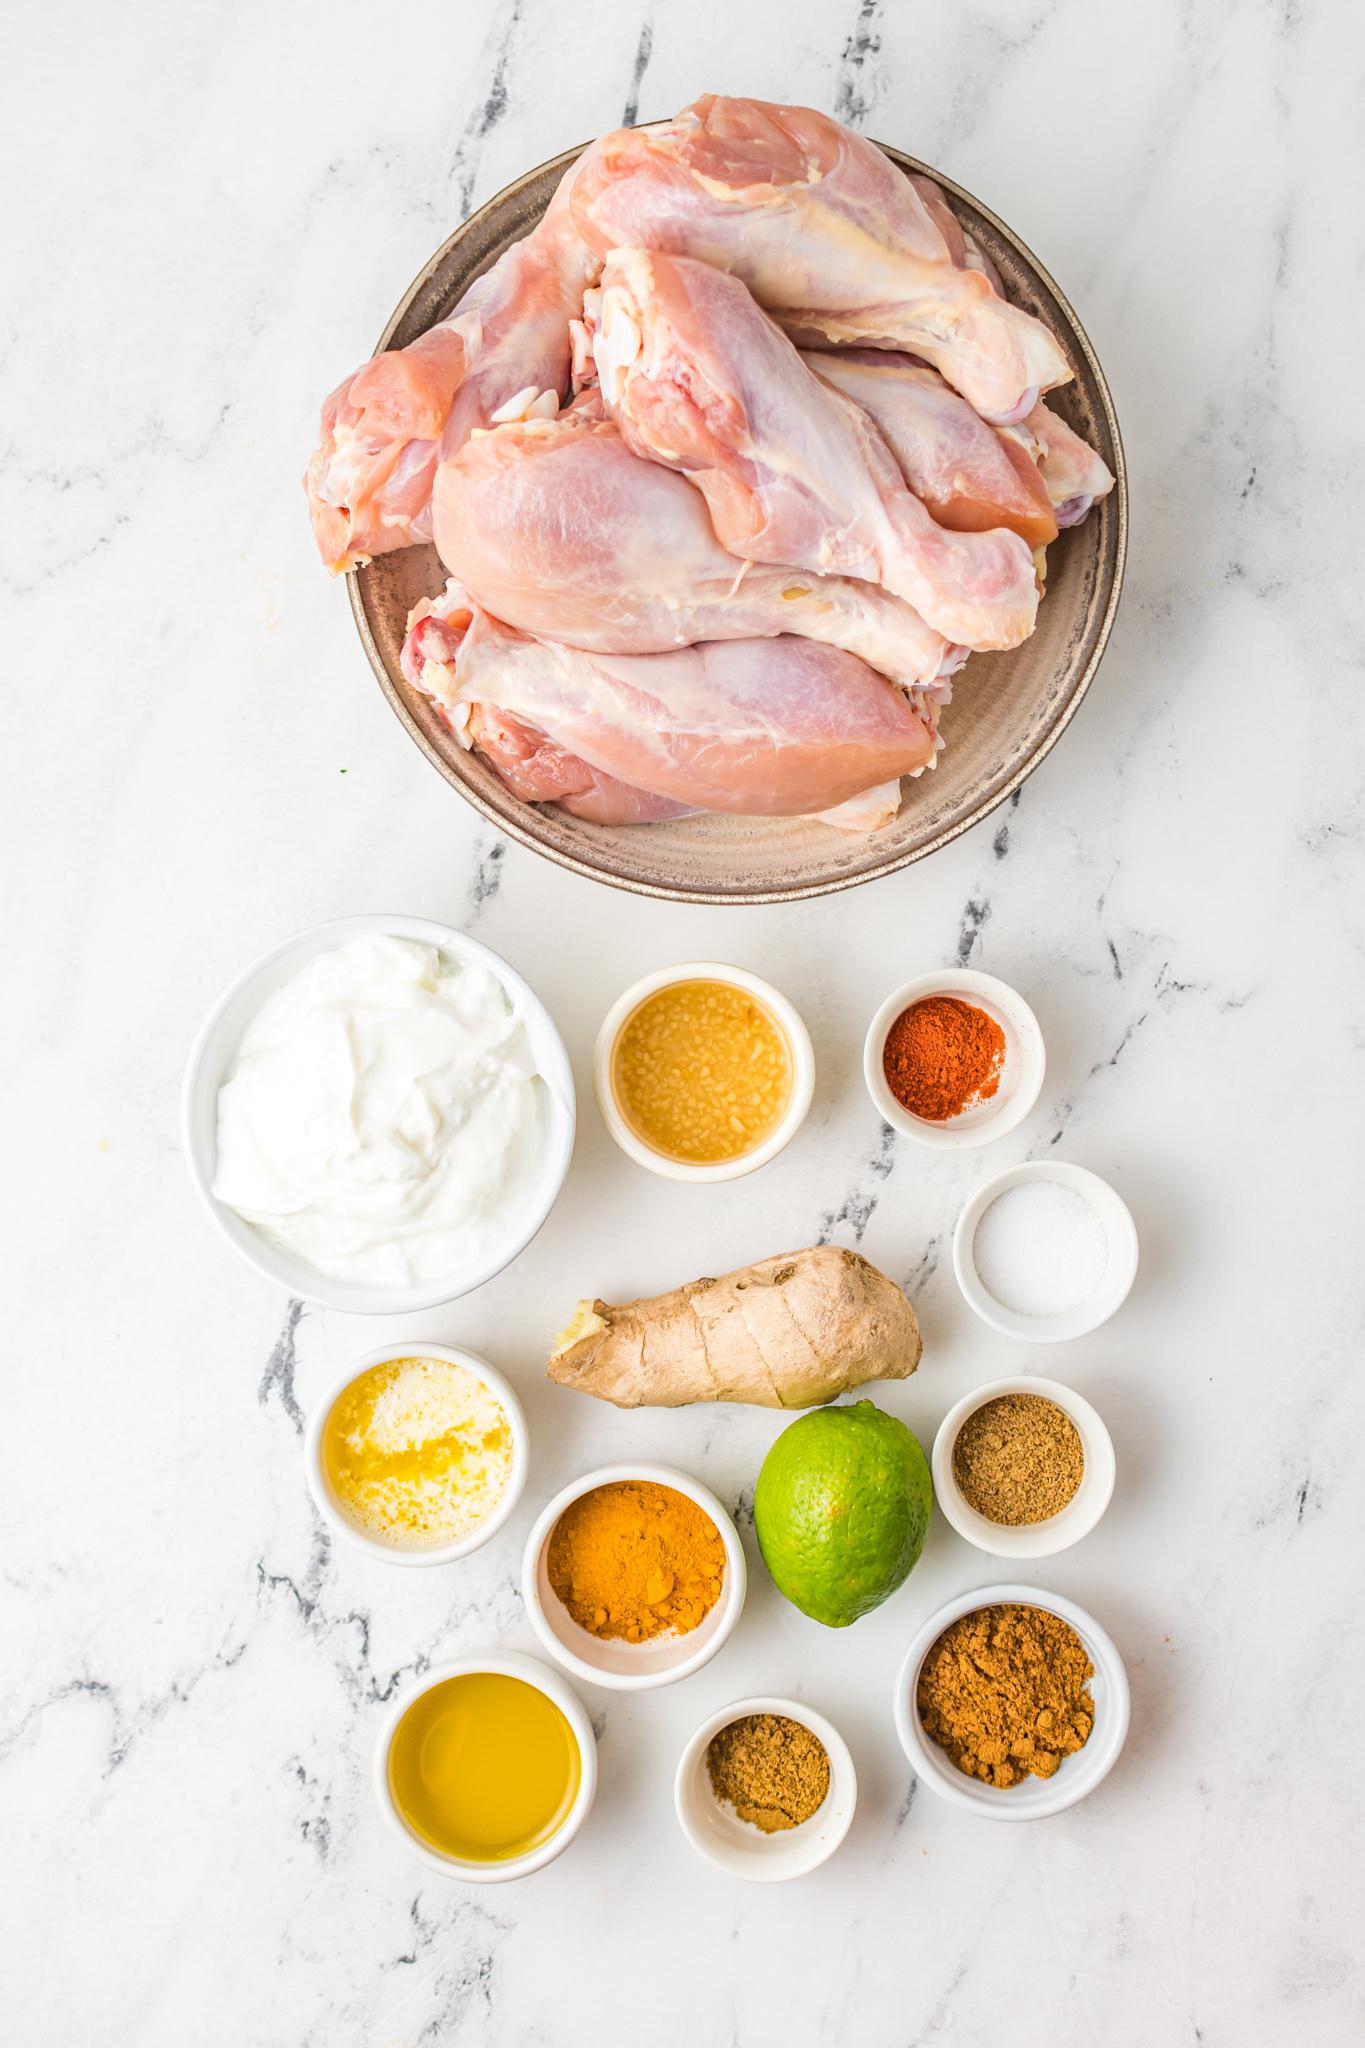 Air Fryer Tandoori Chicken Legs ingredients.